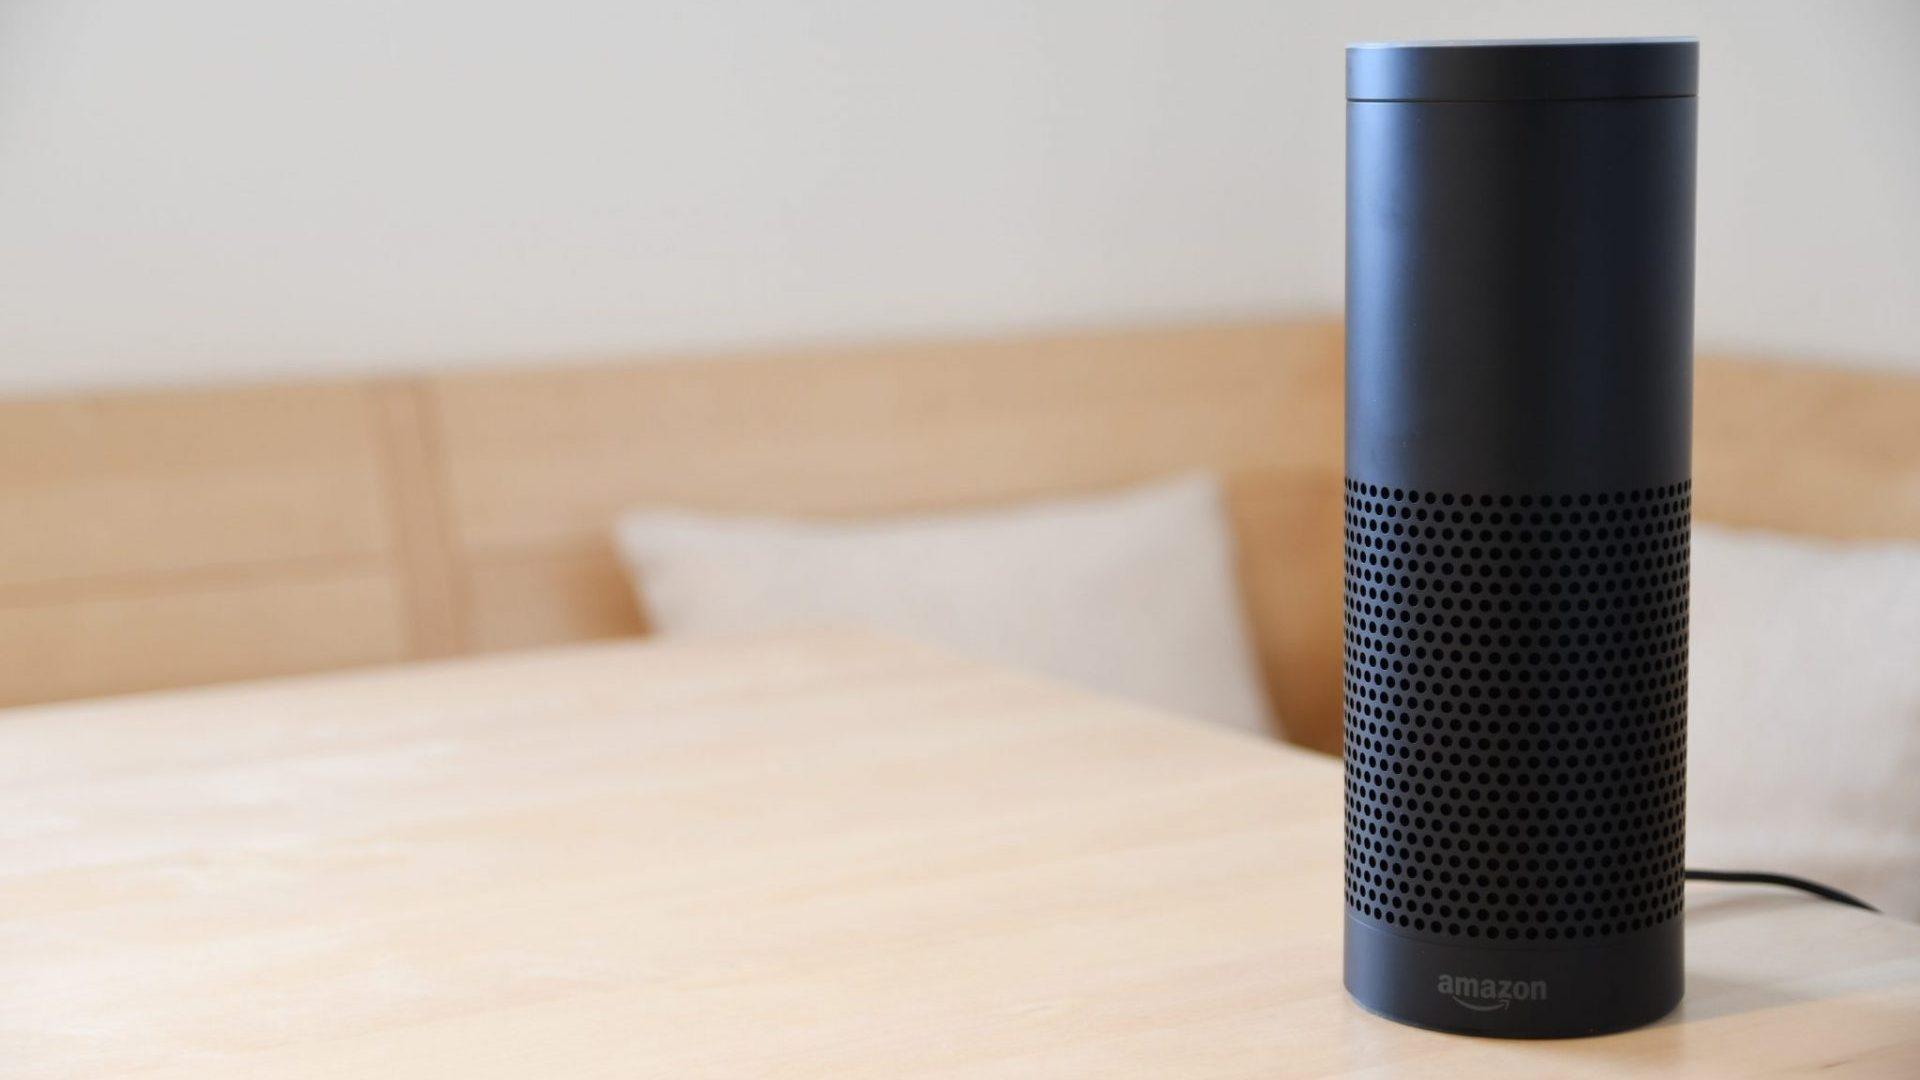 Counterpoint Smart Speaker report